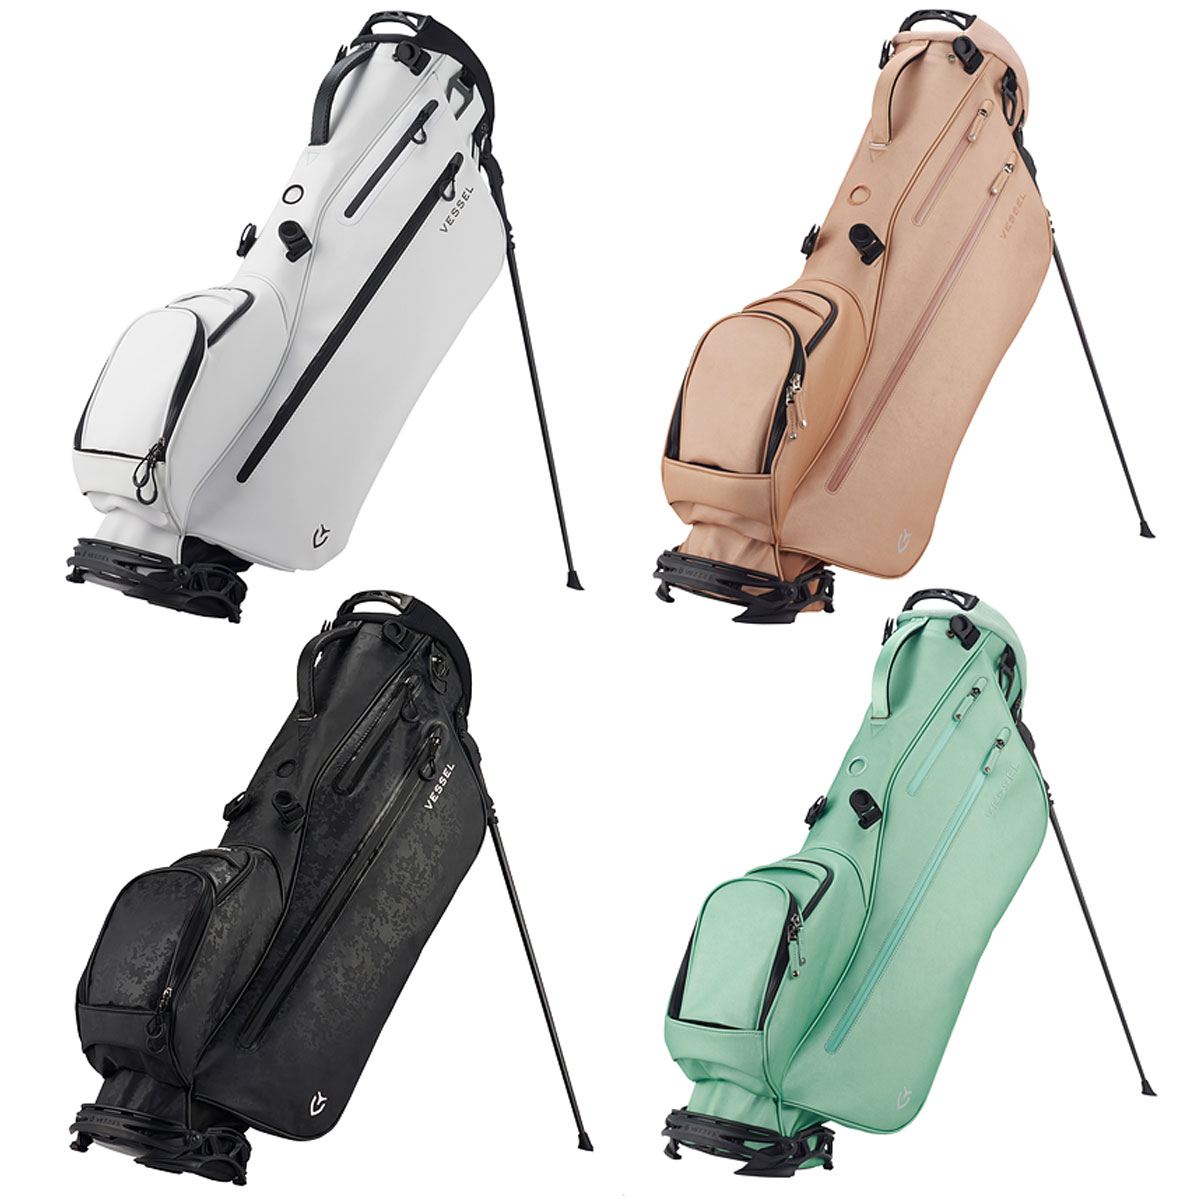 【【最大3300円OFFクーポン】】VESSEL(ベゼル) LITE Stand Bag (ライトスタンドバッグ) 2020新製品 「7530218」【あす楽対応】